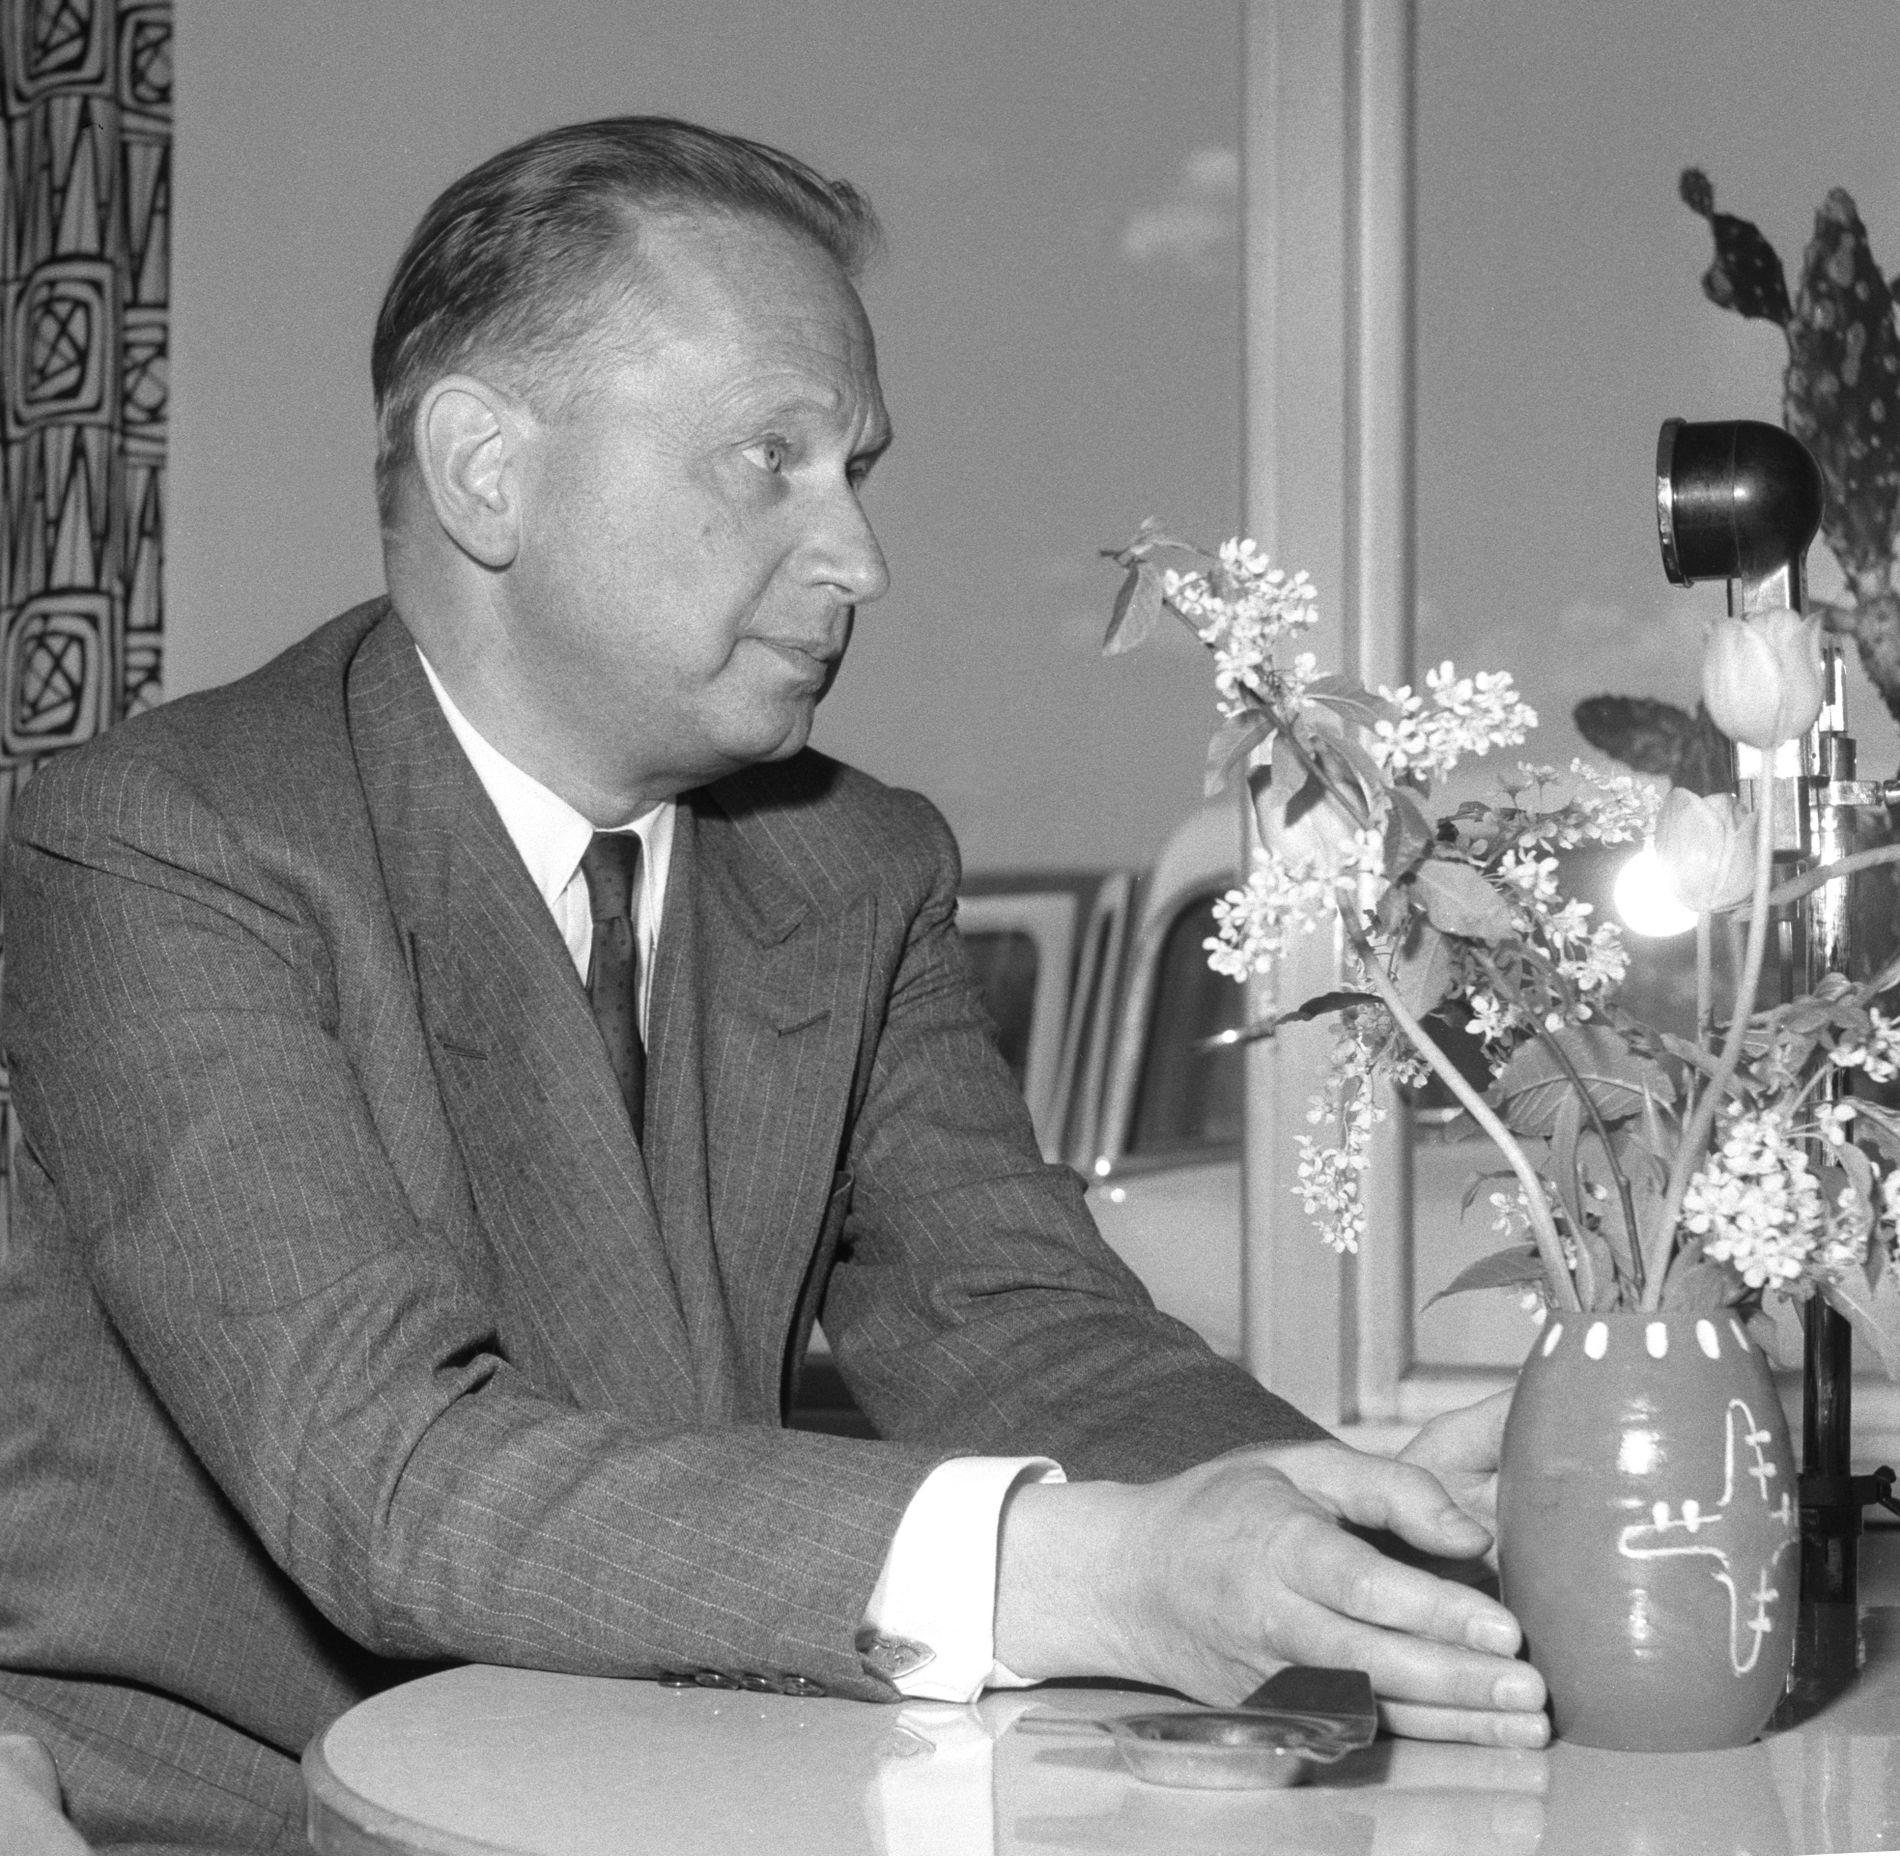 MYRDET? FNs generalsekretær Dag Hammarskjøld ble drept i en flystyrt i 1961. Fremdeles er omstendighetene uklare.